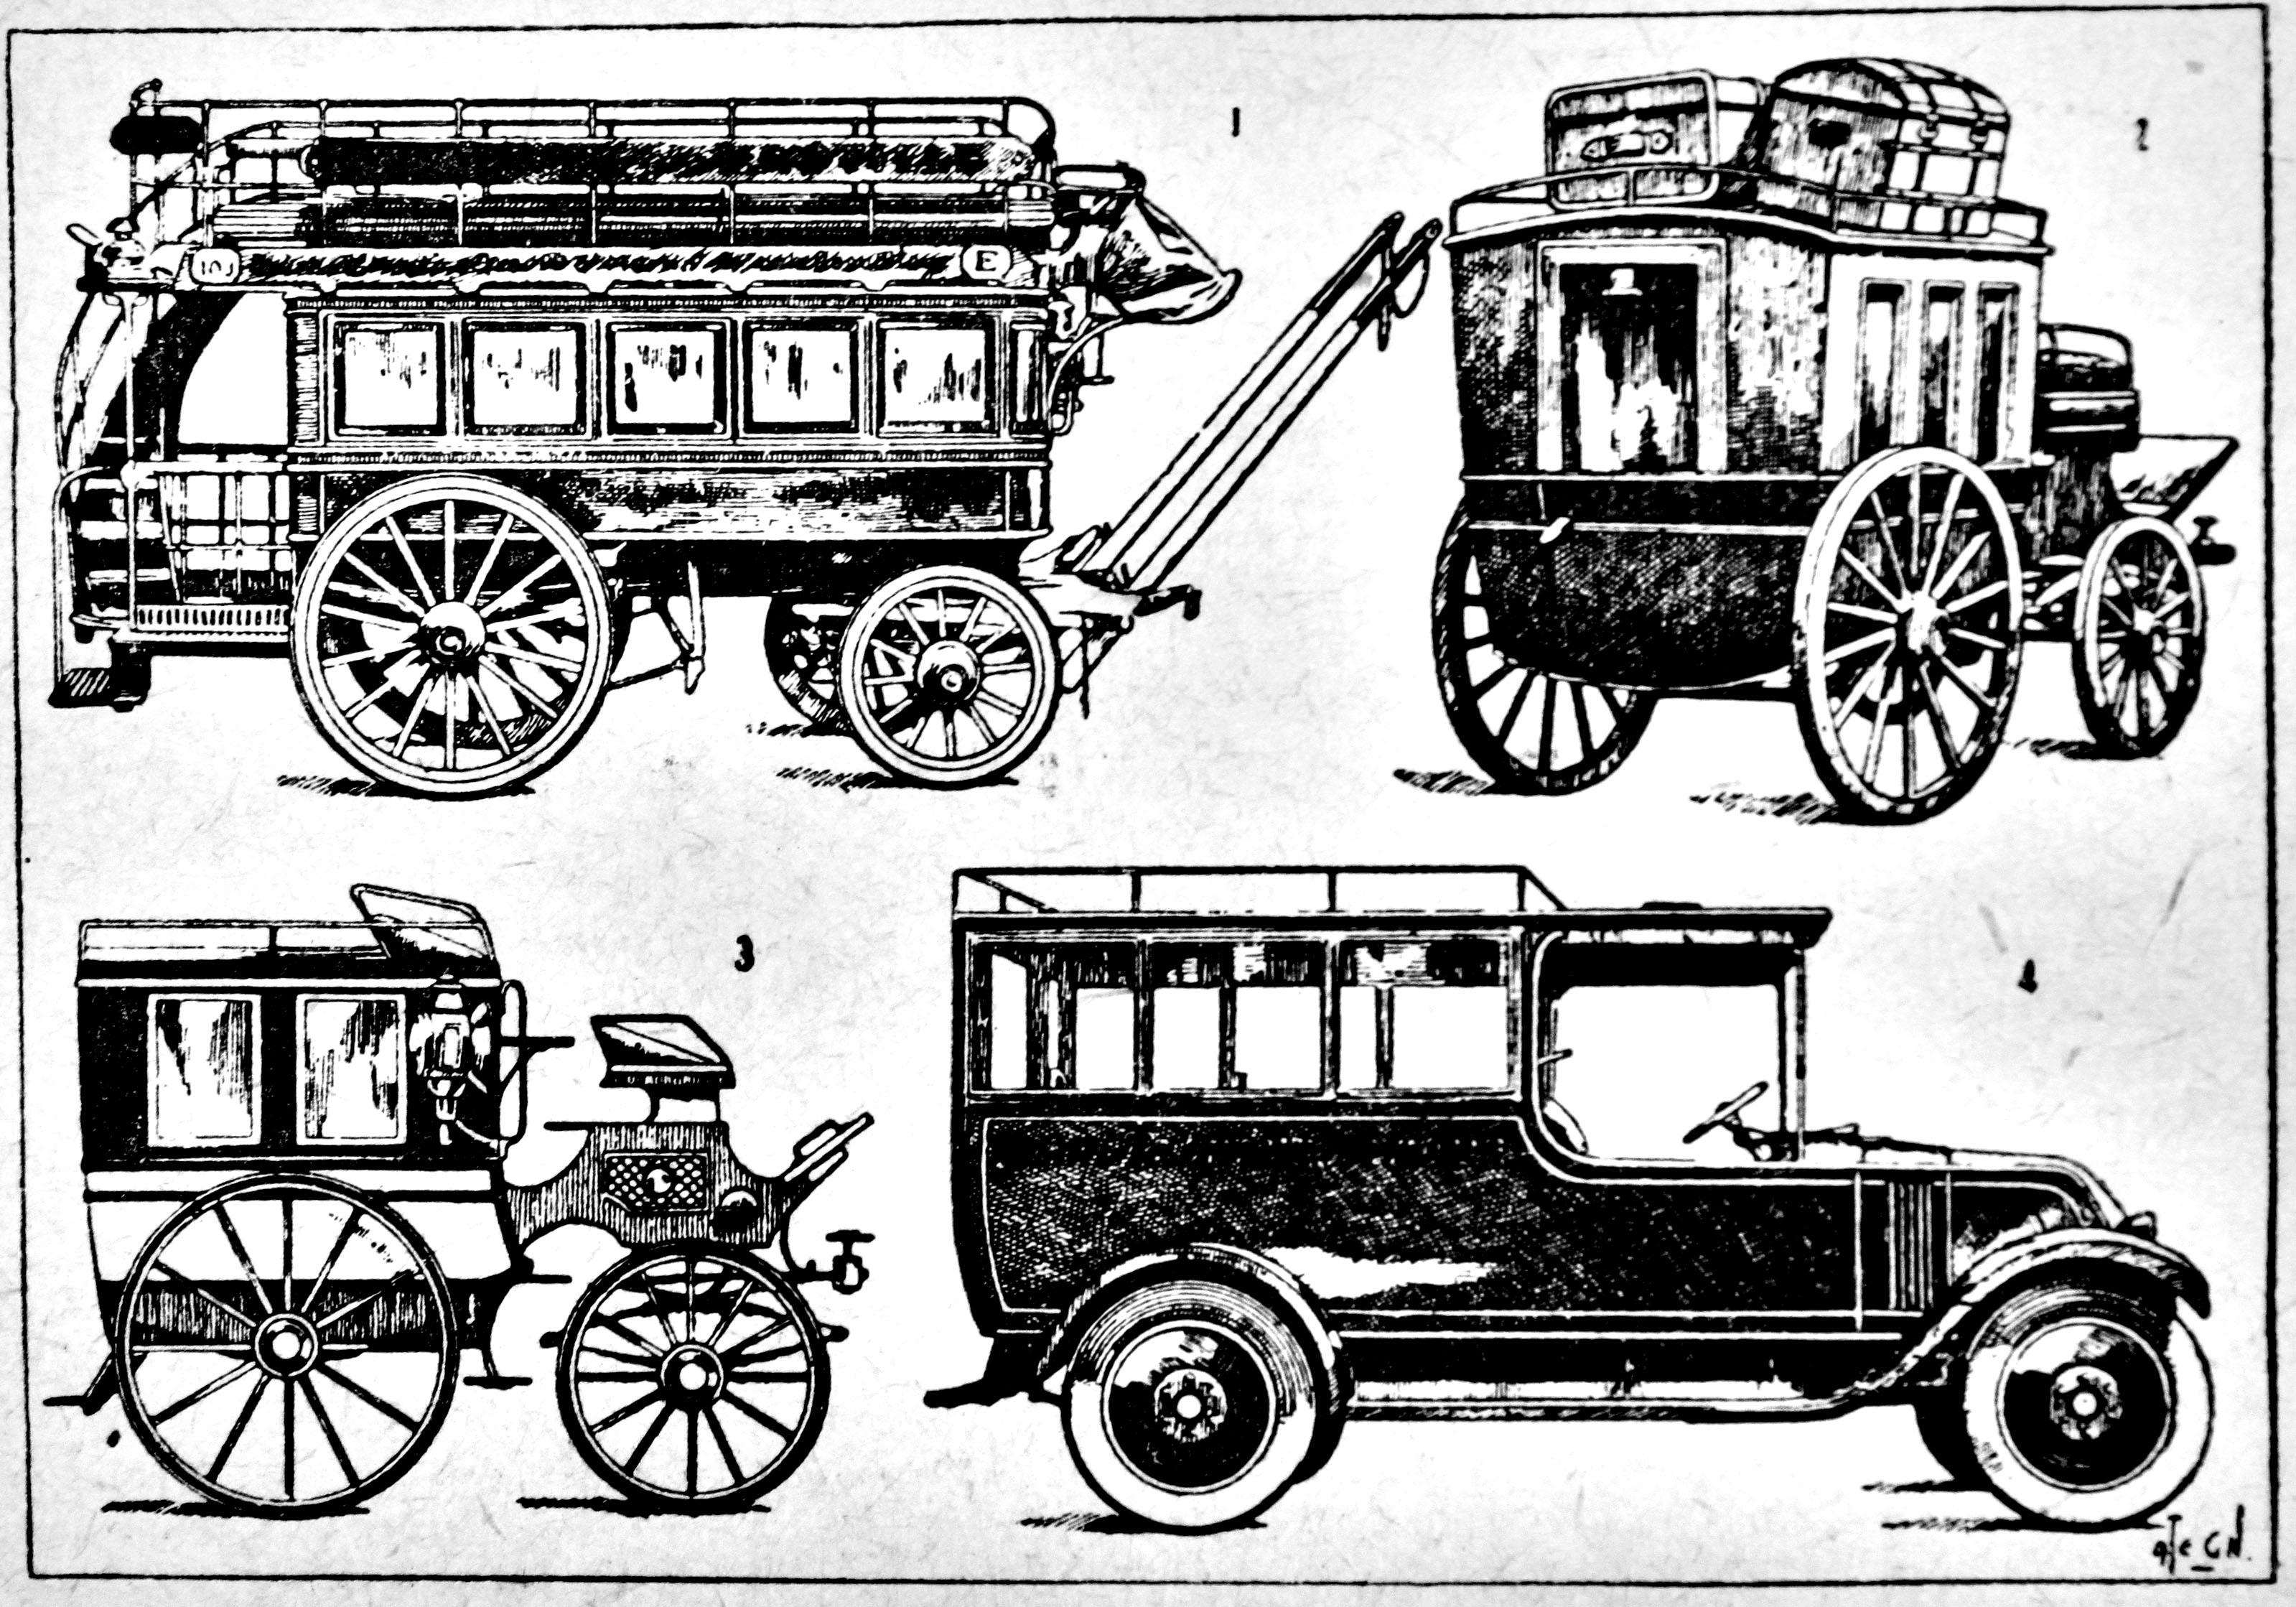 Transport en commun à Porto vers 1940 - Image de fdctsevilla